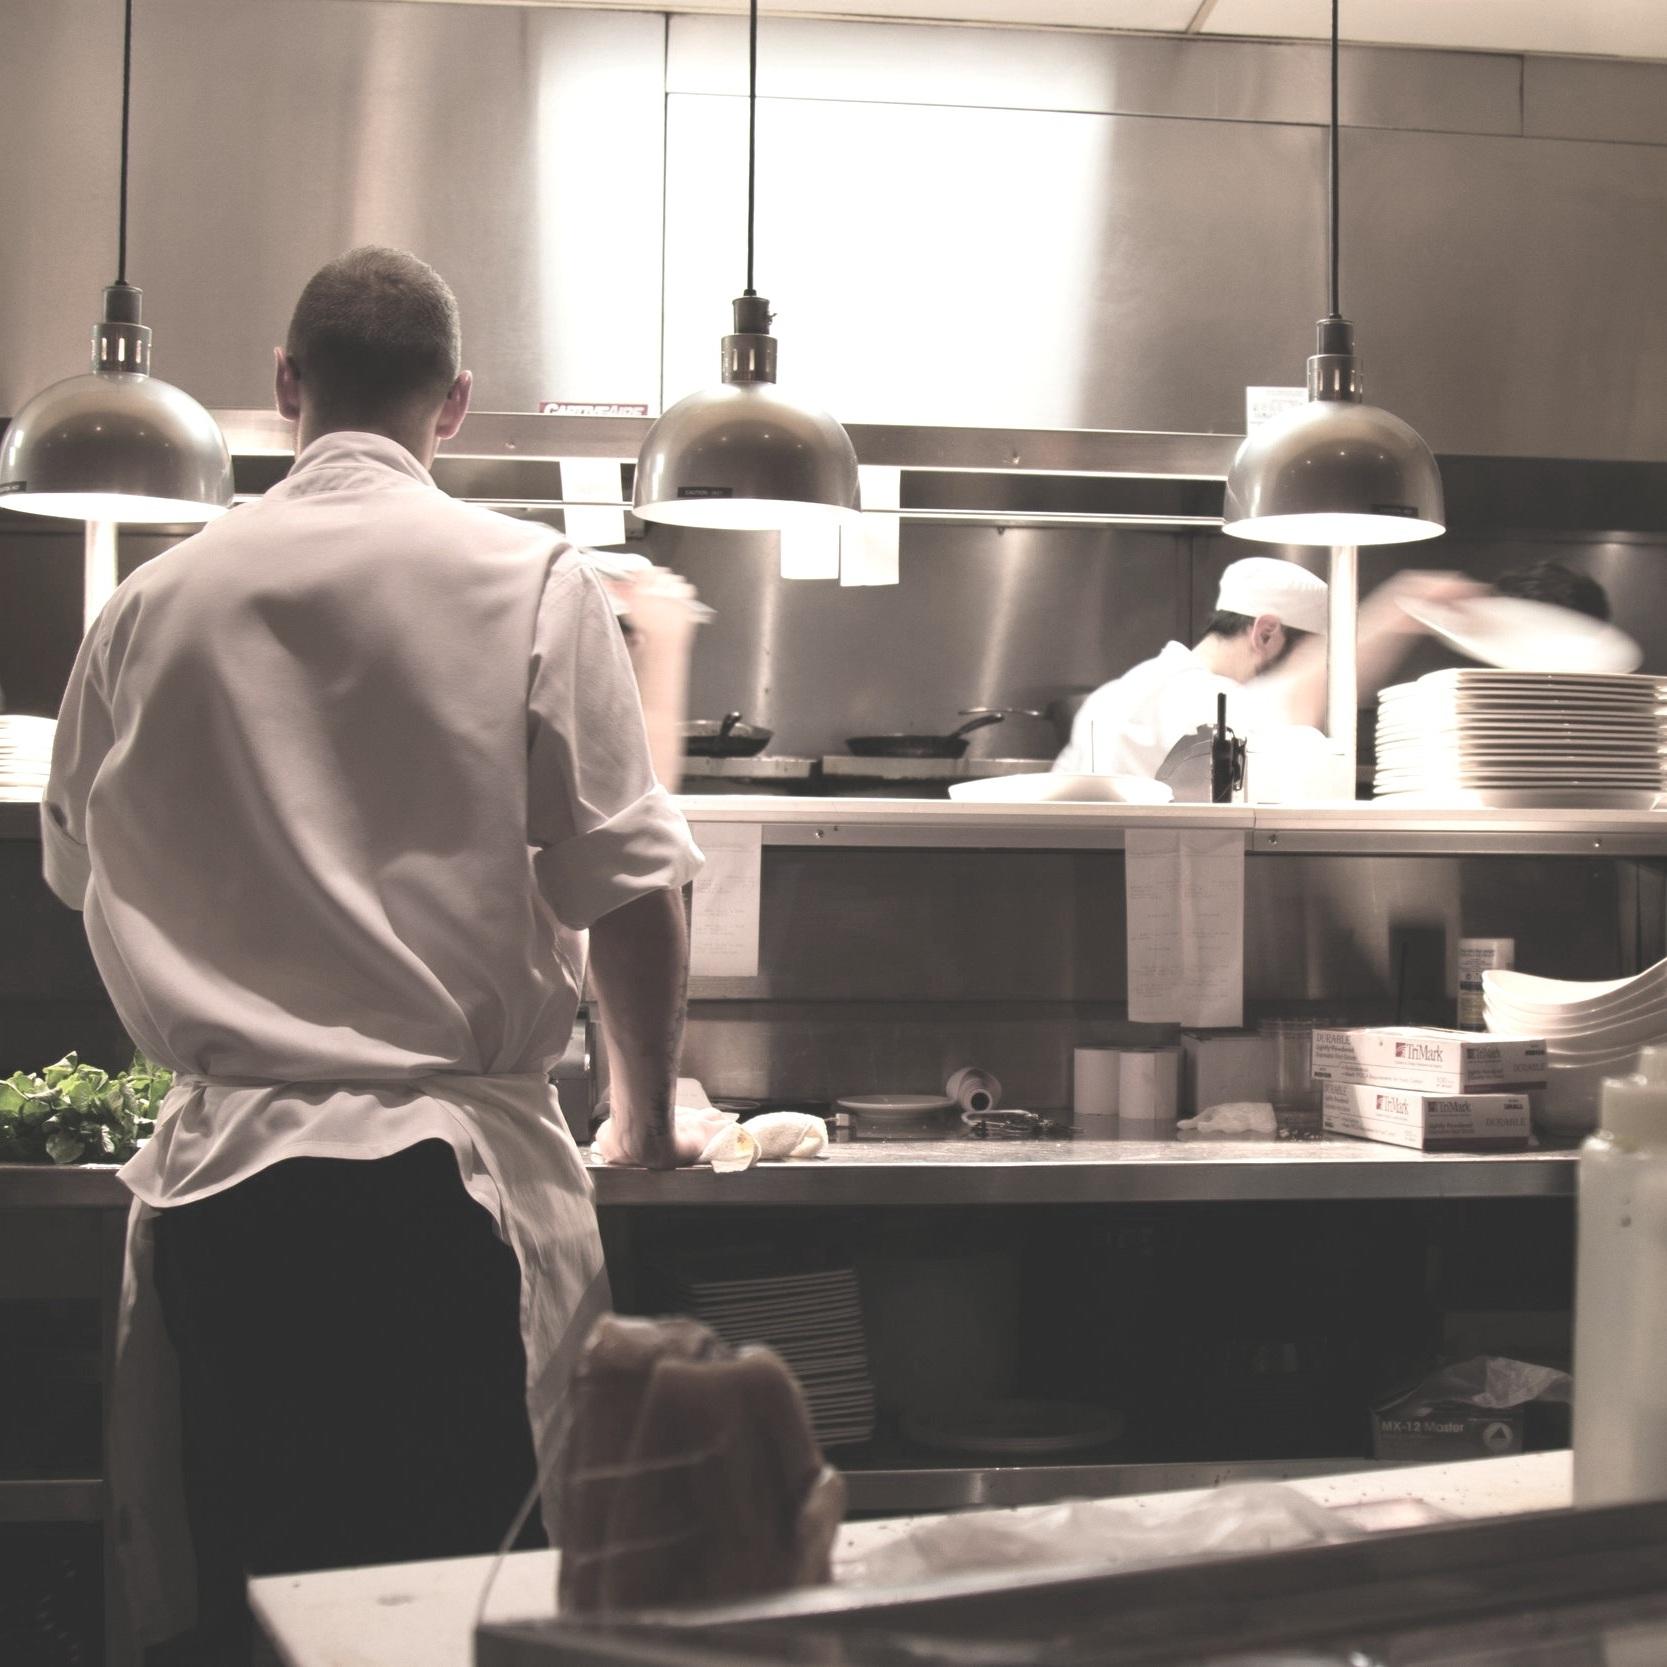 Kitchen business supplier